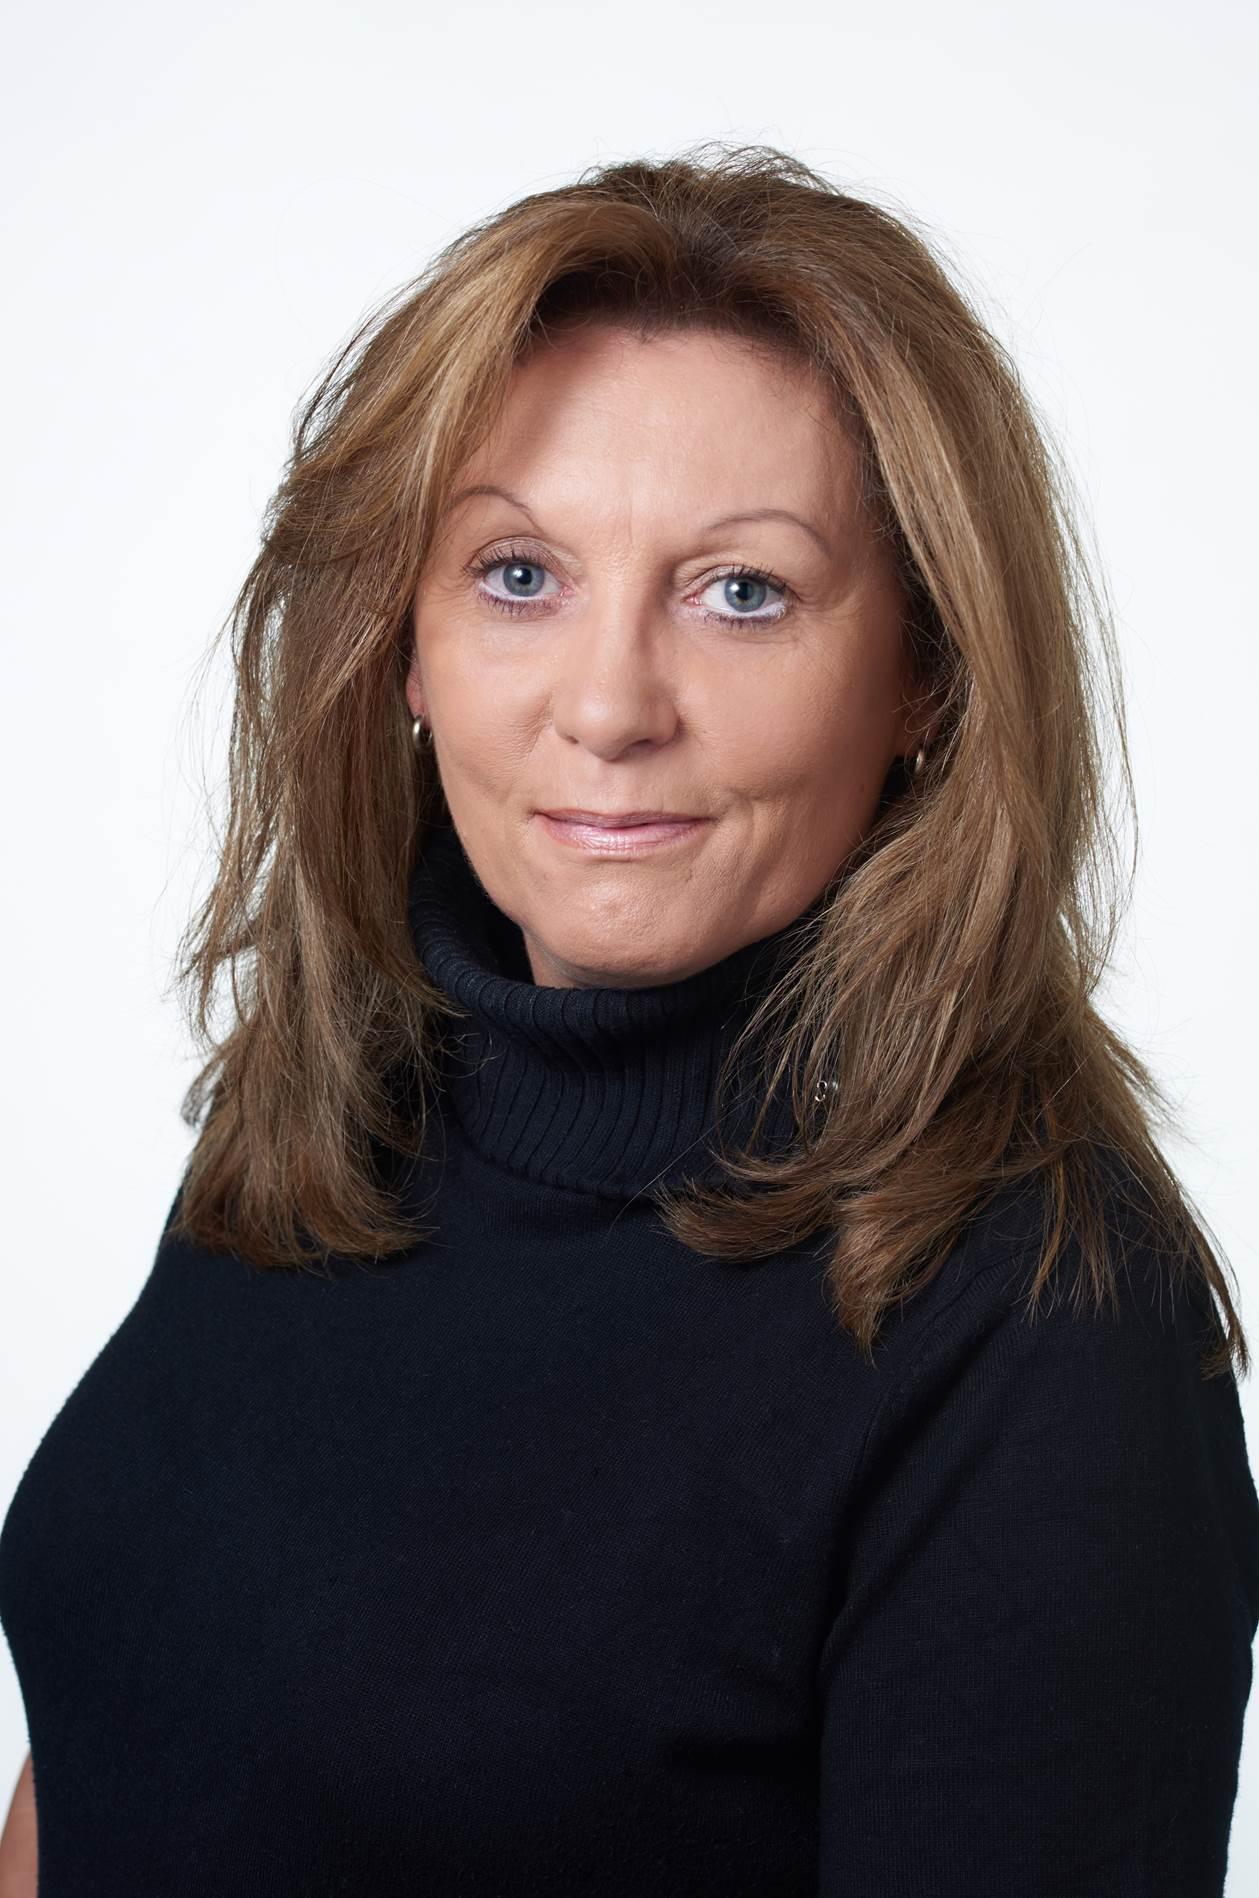 Profilfoto von Karin Hartel